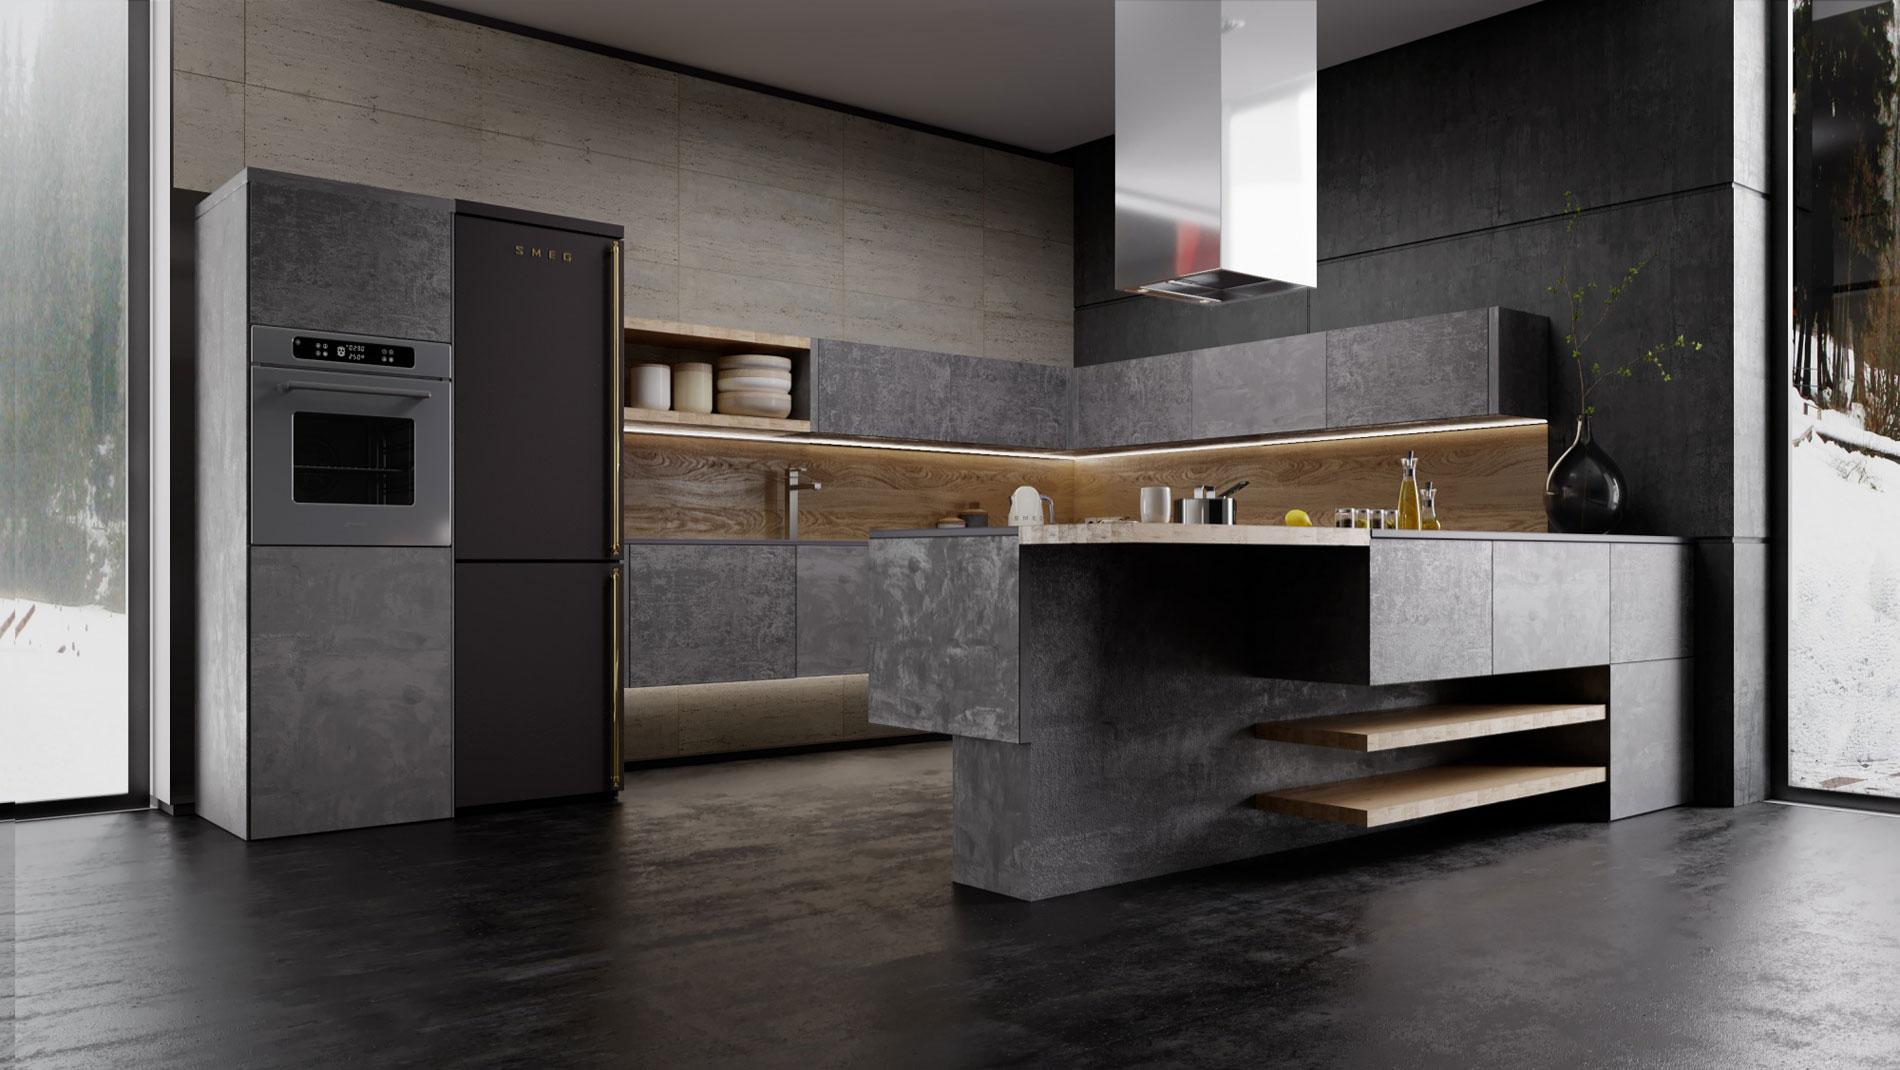 Совместная отделка мебели и стен каменным шпоном